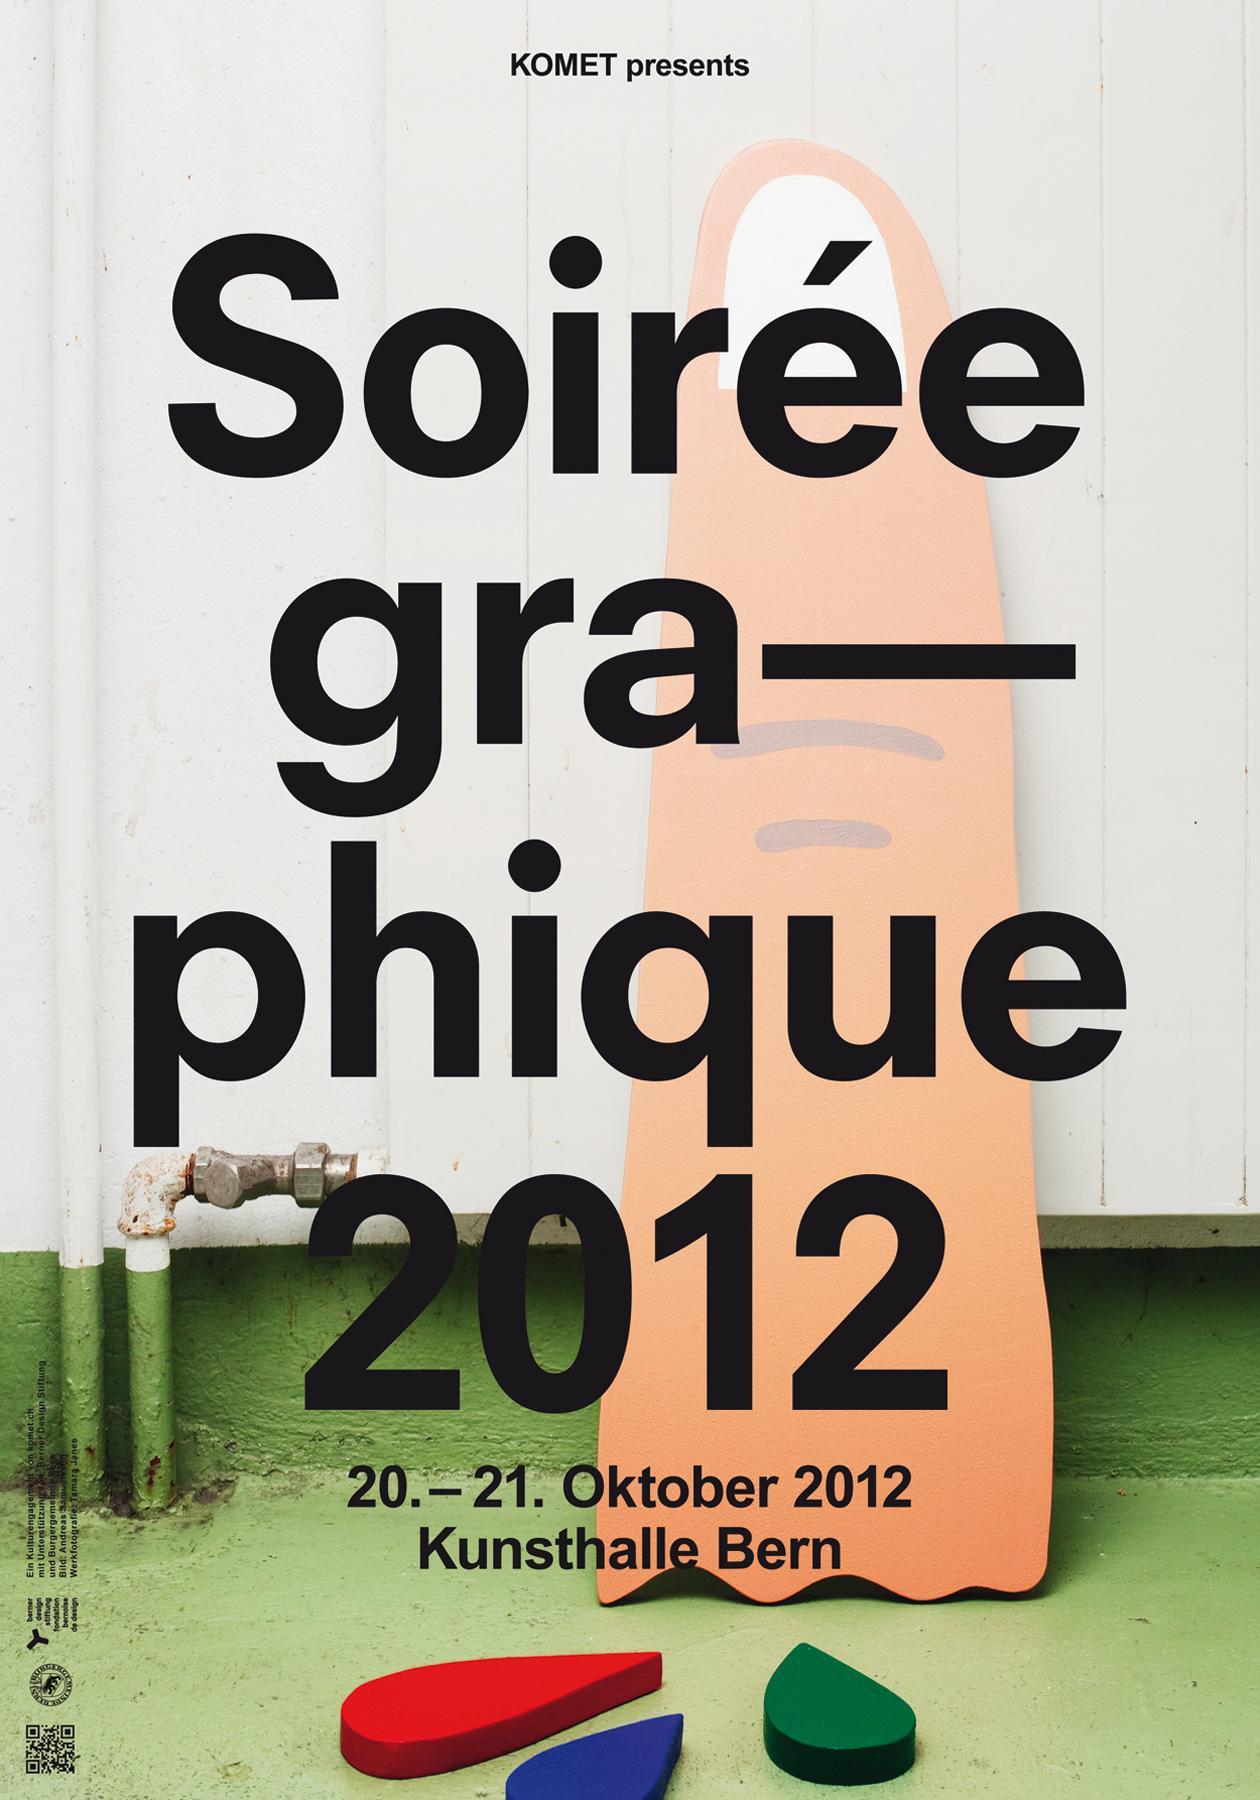 Soirée Graphique Outdoor Ad -  Poster, 3